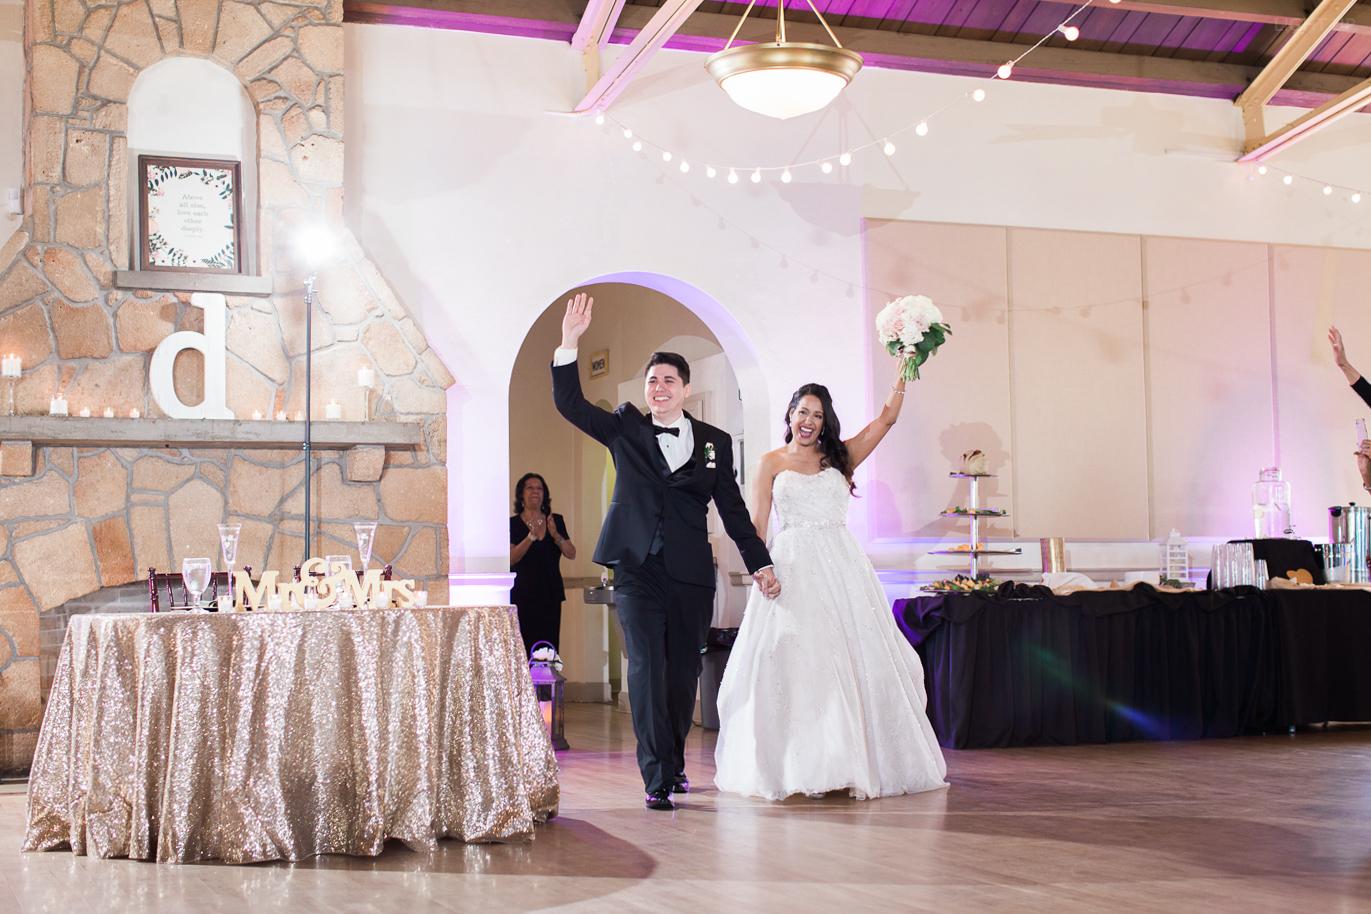 magnolia building wedding in lakeland-11.jpg